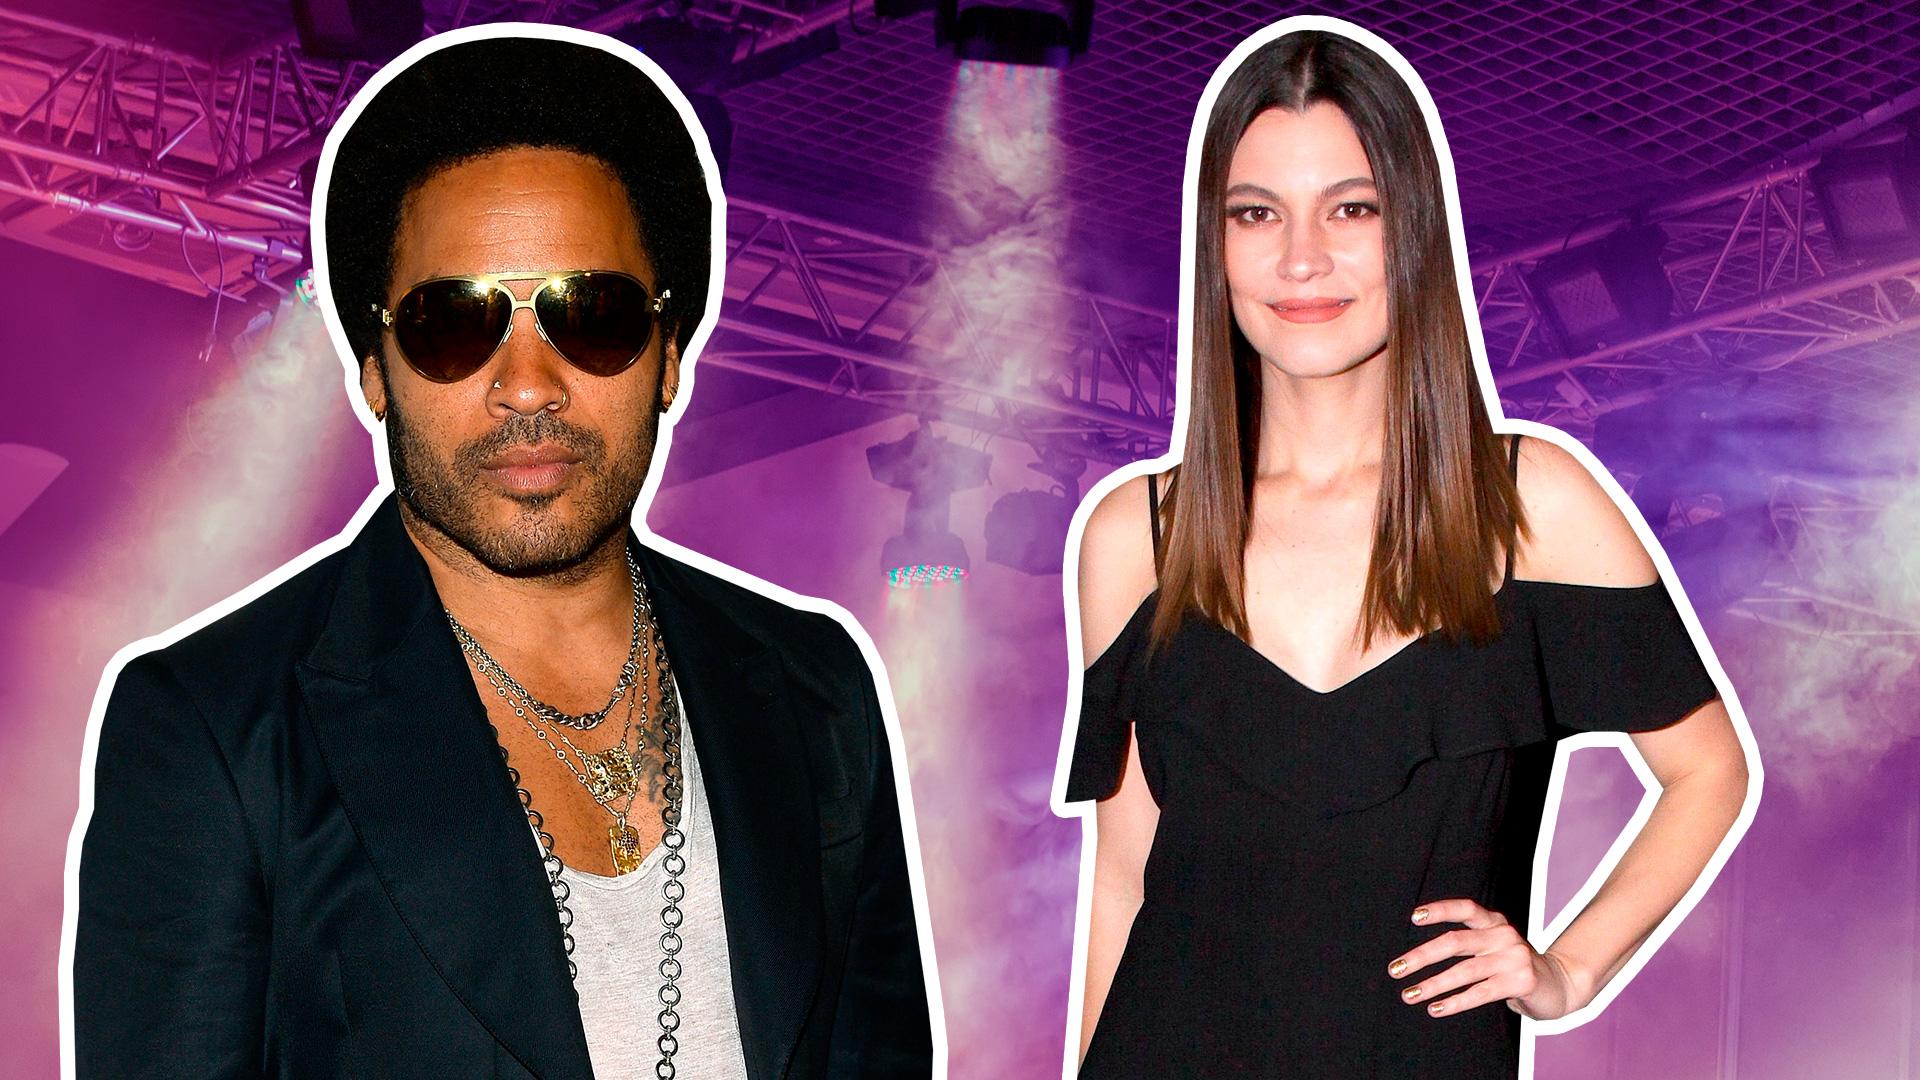 Esta es la razón por la que Natália Subtil no puede hablar de su romance con Lenny Kravitz